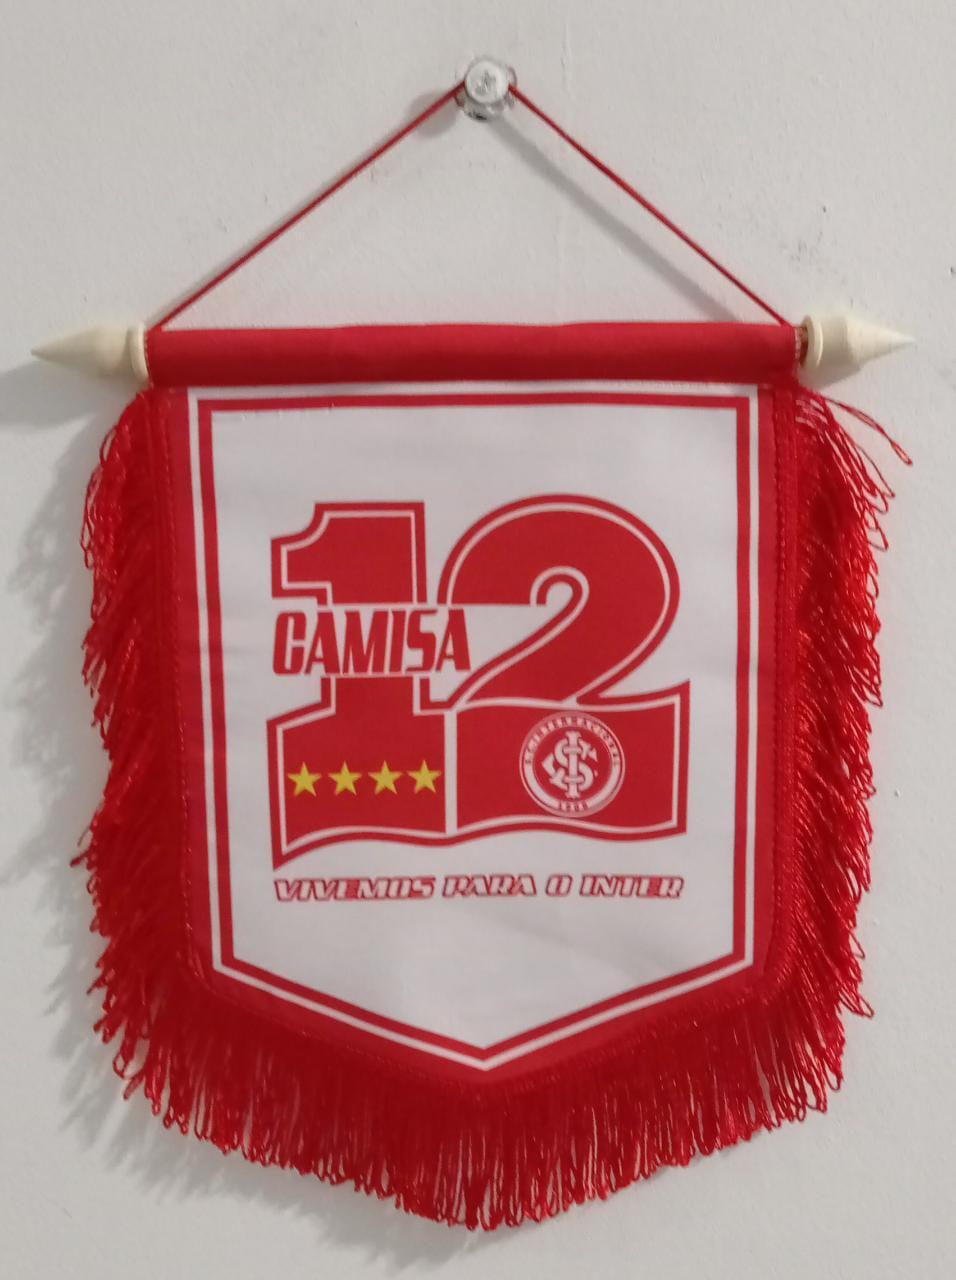 Flamula da Camisa 12